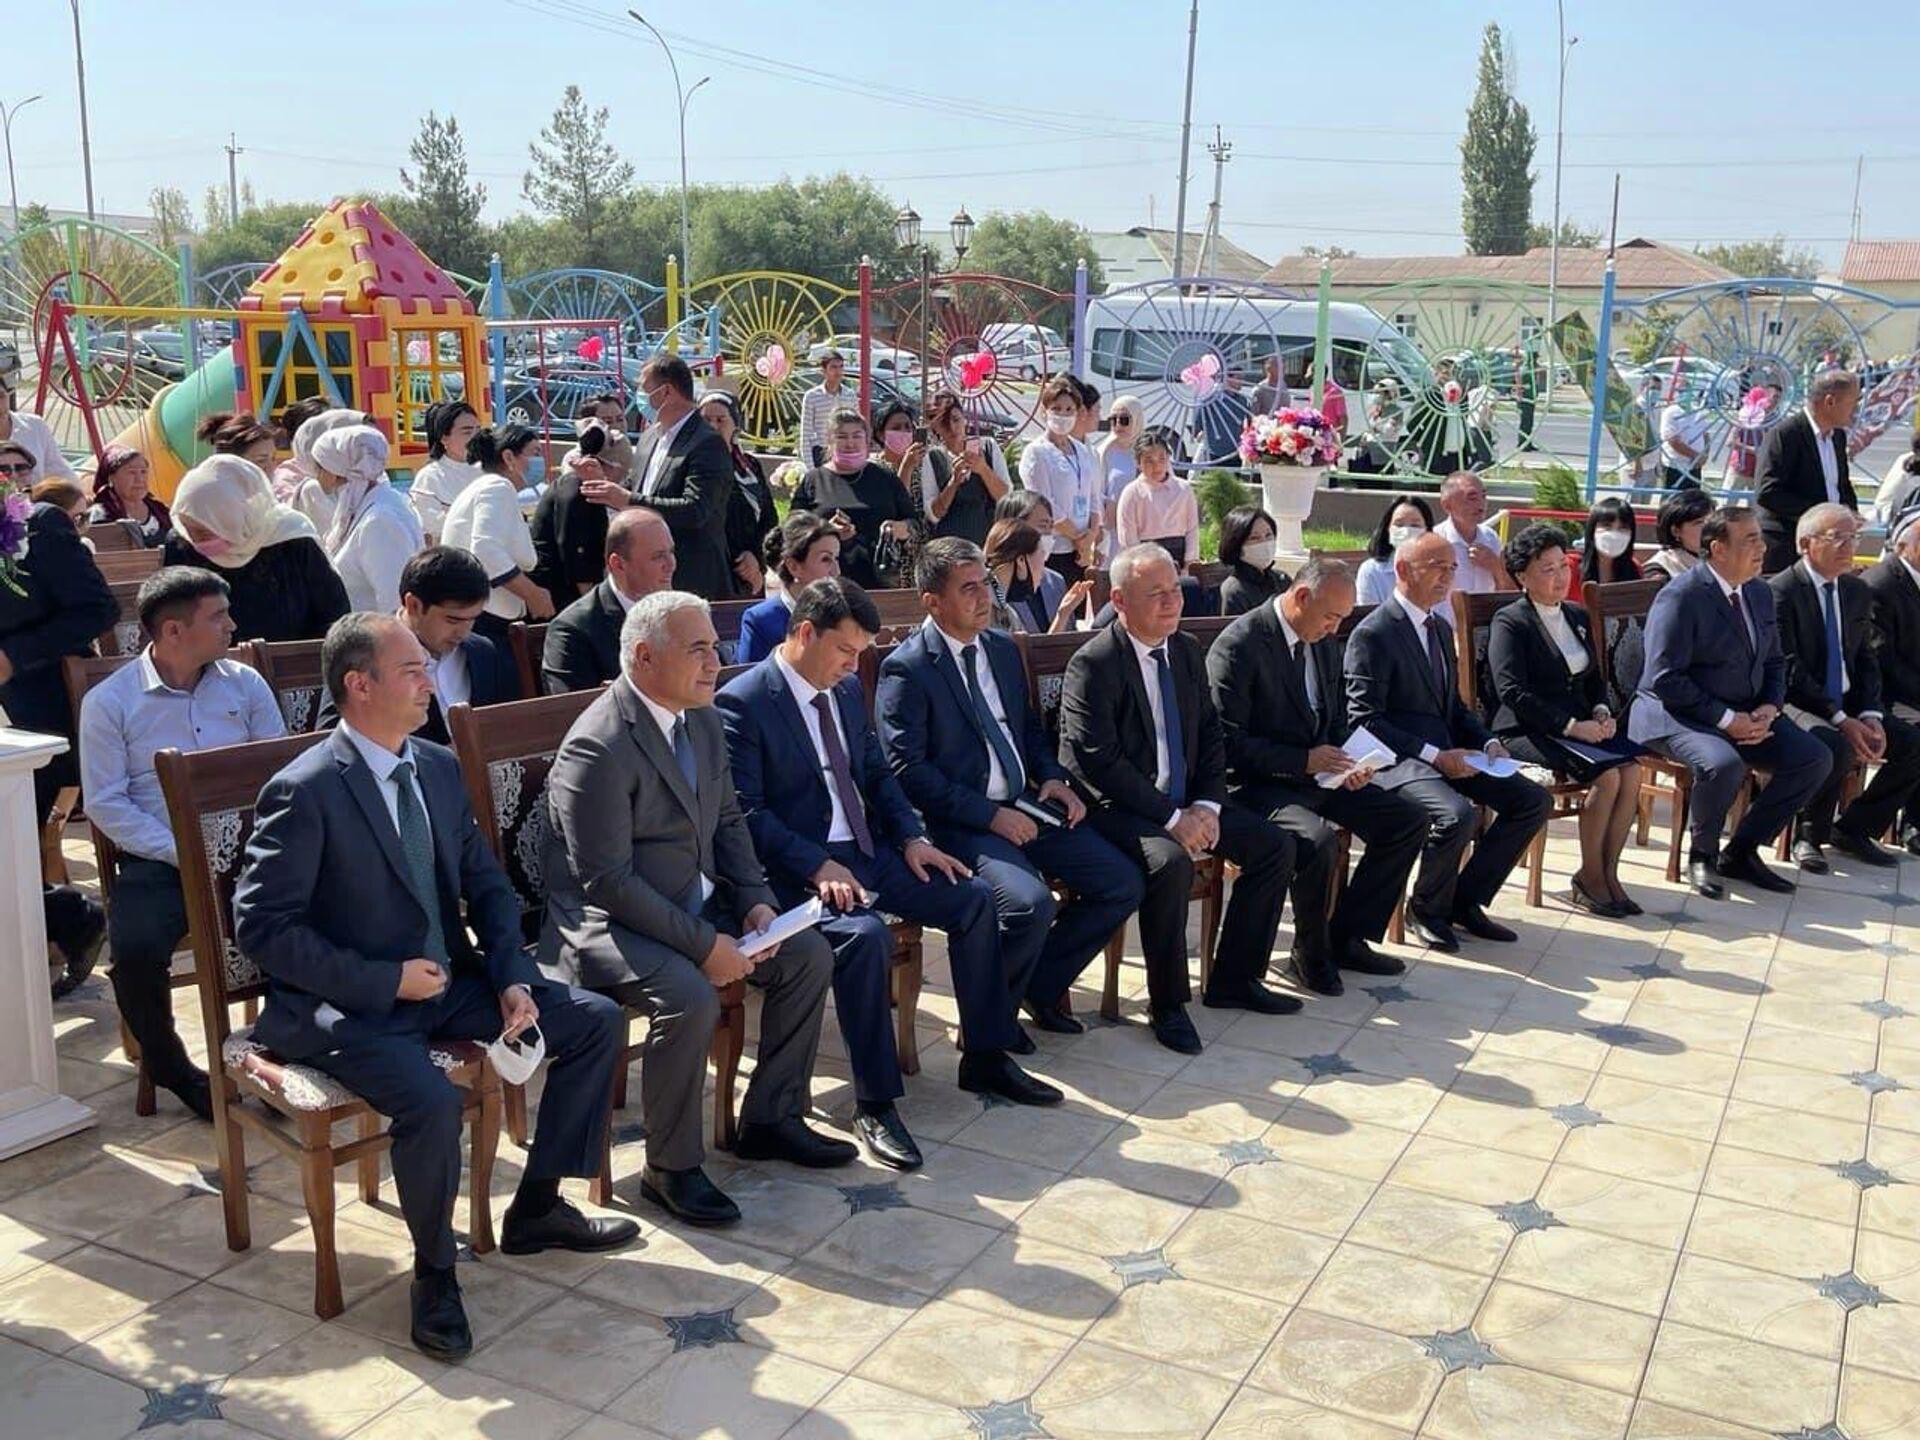 Церемония открытия детского сада Капалак в Риштанском районе Ферганской области  - Sputnik Ўзбекистон, 1920, 26.09.2021